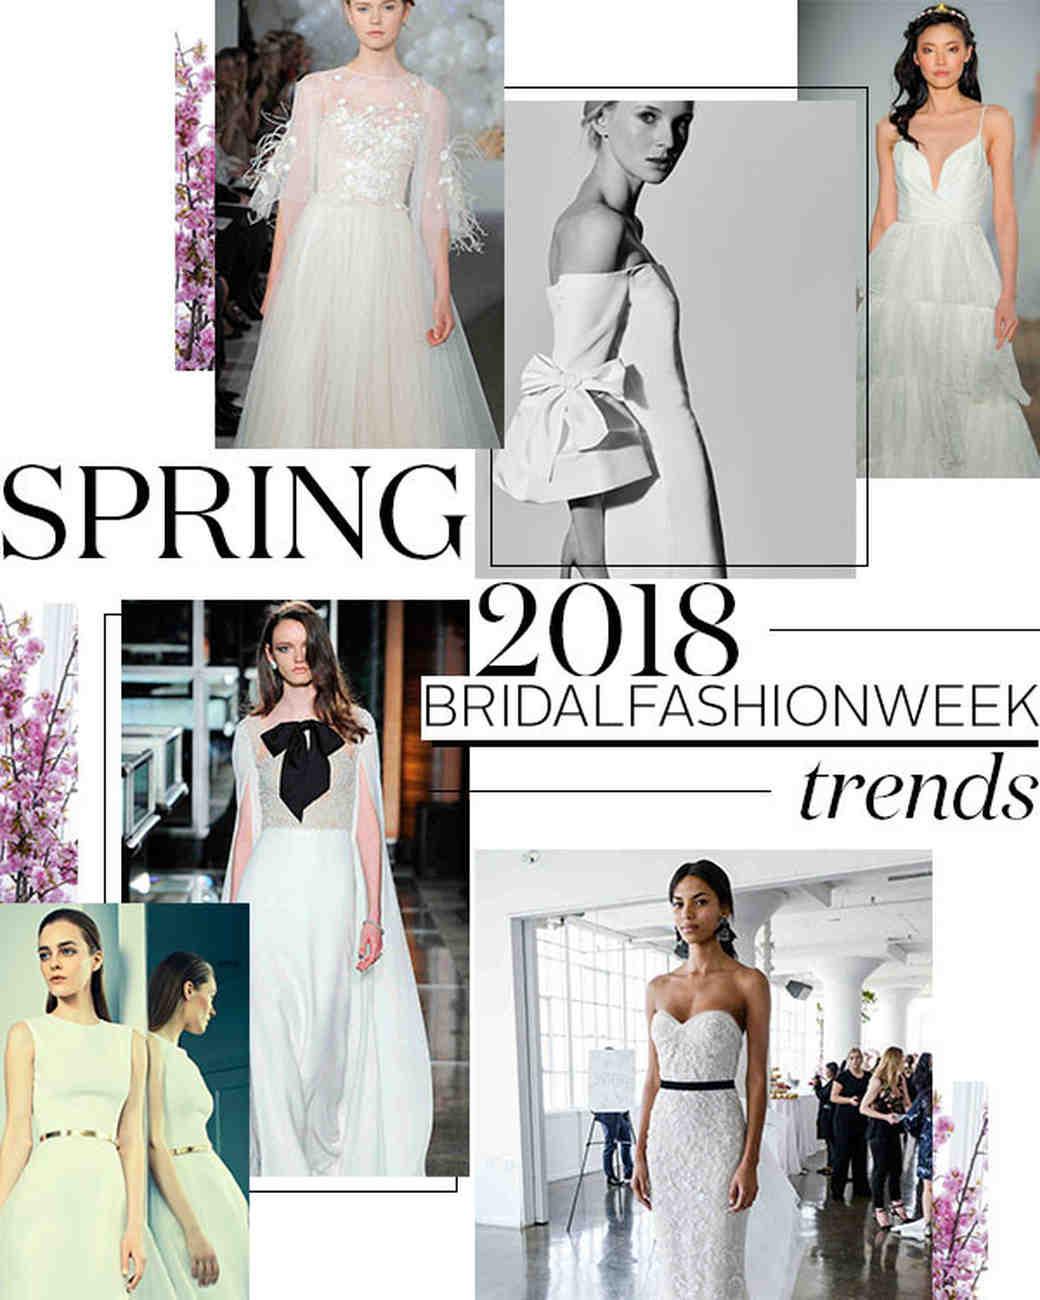 New season fashion 2018 dresses